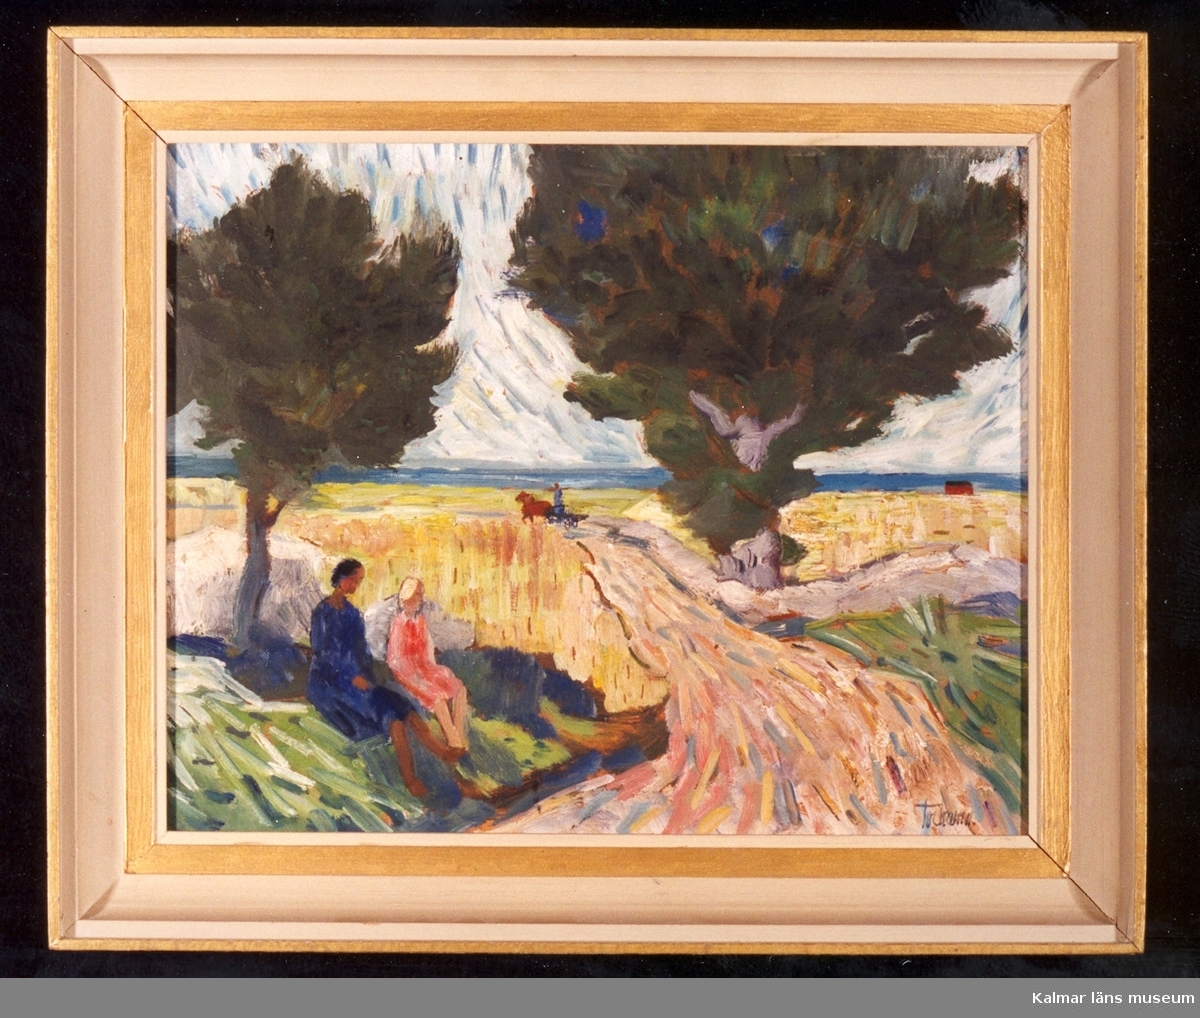 Öppet landskap med två kvinnor som sitter i skuggan av ett träd intill en väg, vägen leder ner till havet, kring vägen åkerlandskap. På avstånd syns häst och vagn på vägen.